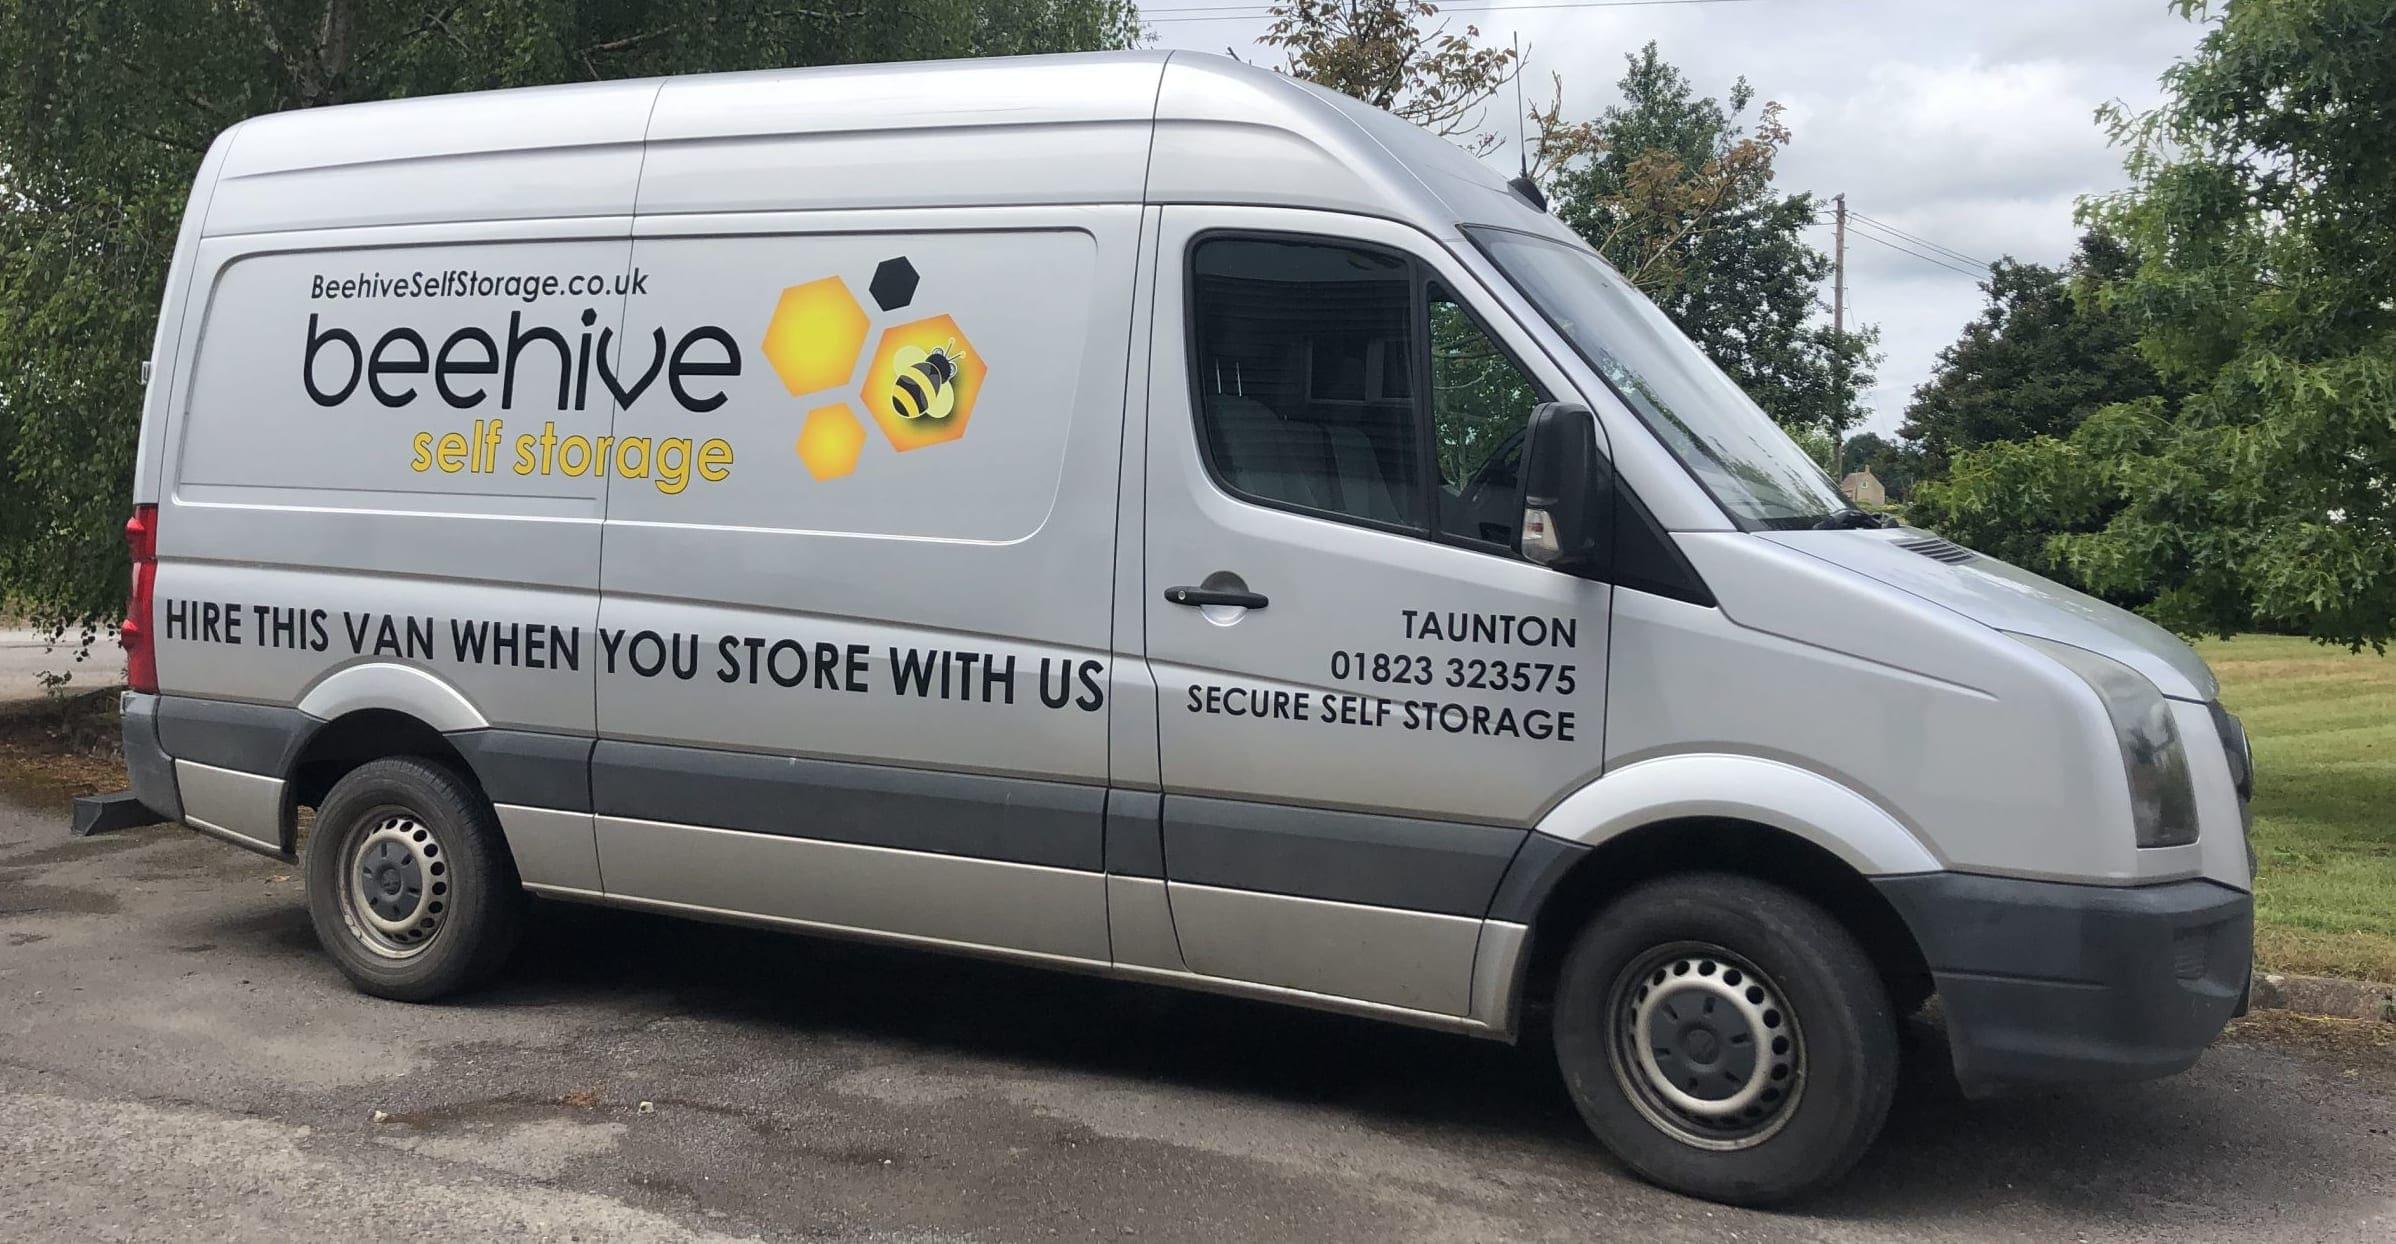 Our Beehive van